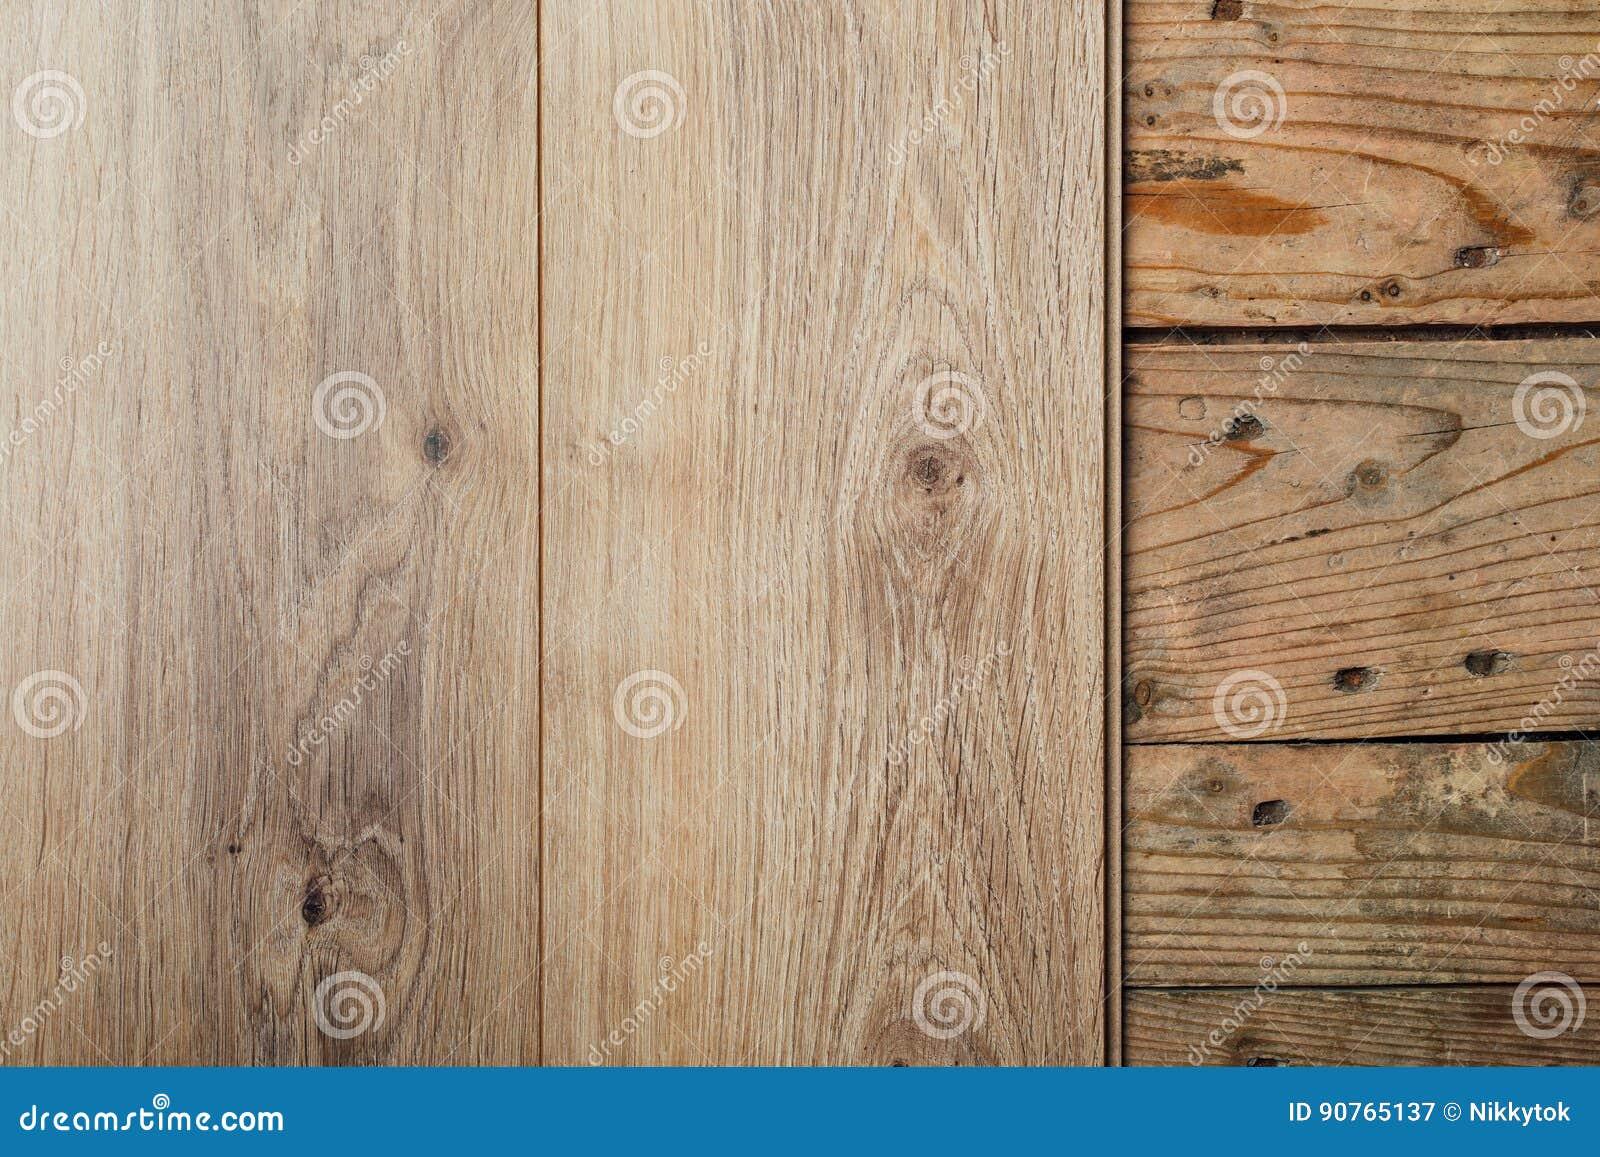 Fußboden Planken ~ Neuer lamellenförmig angeordneter bodenbelag über altem hölzernem